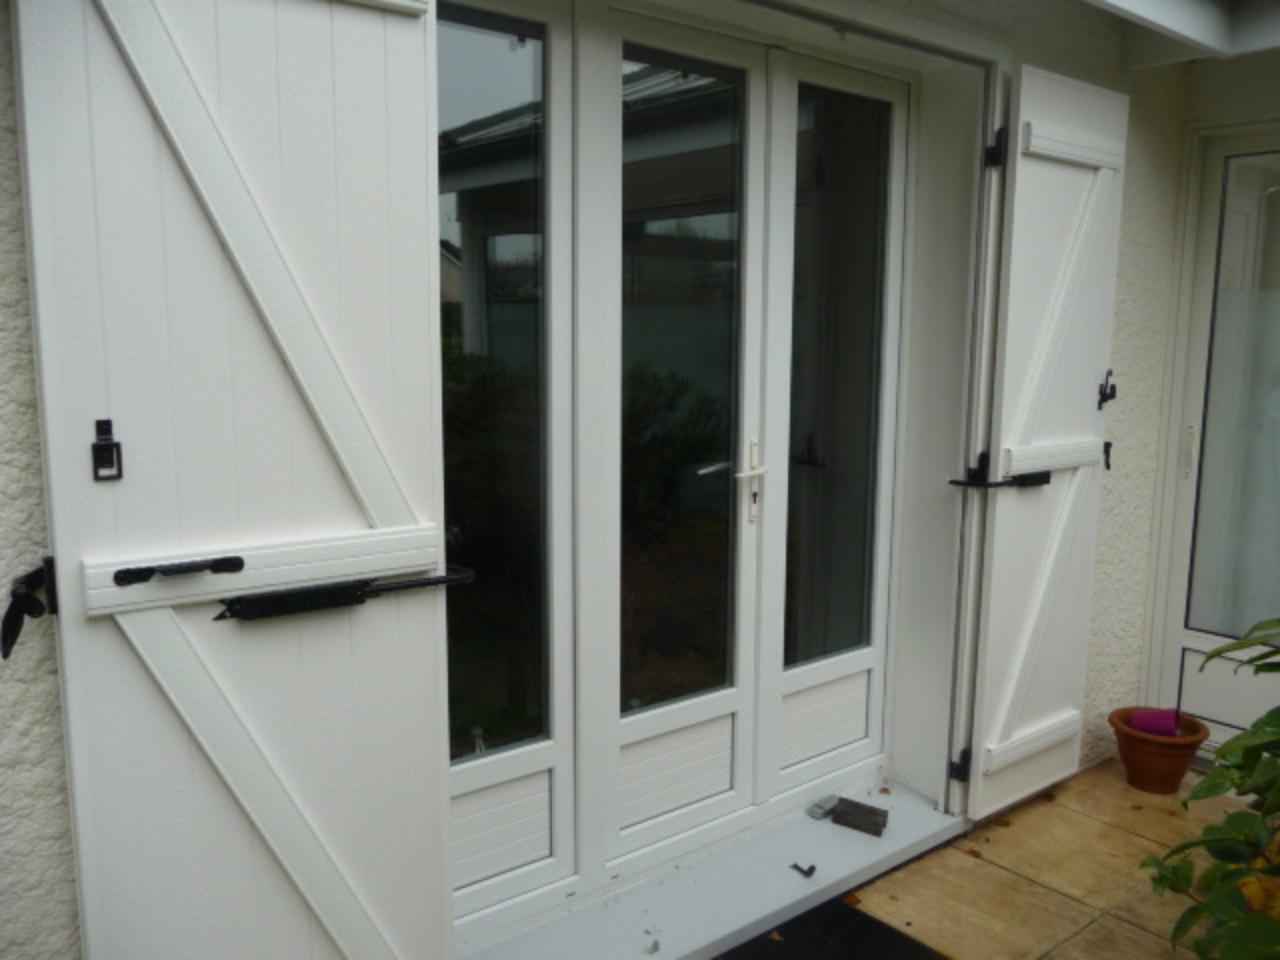 Bloque-volet Long sur Porte fenêtre PVC pose avec Adaptateur